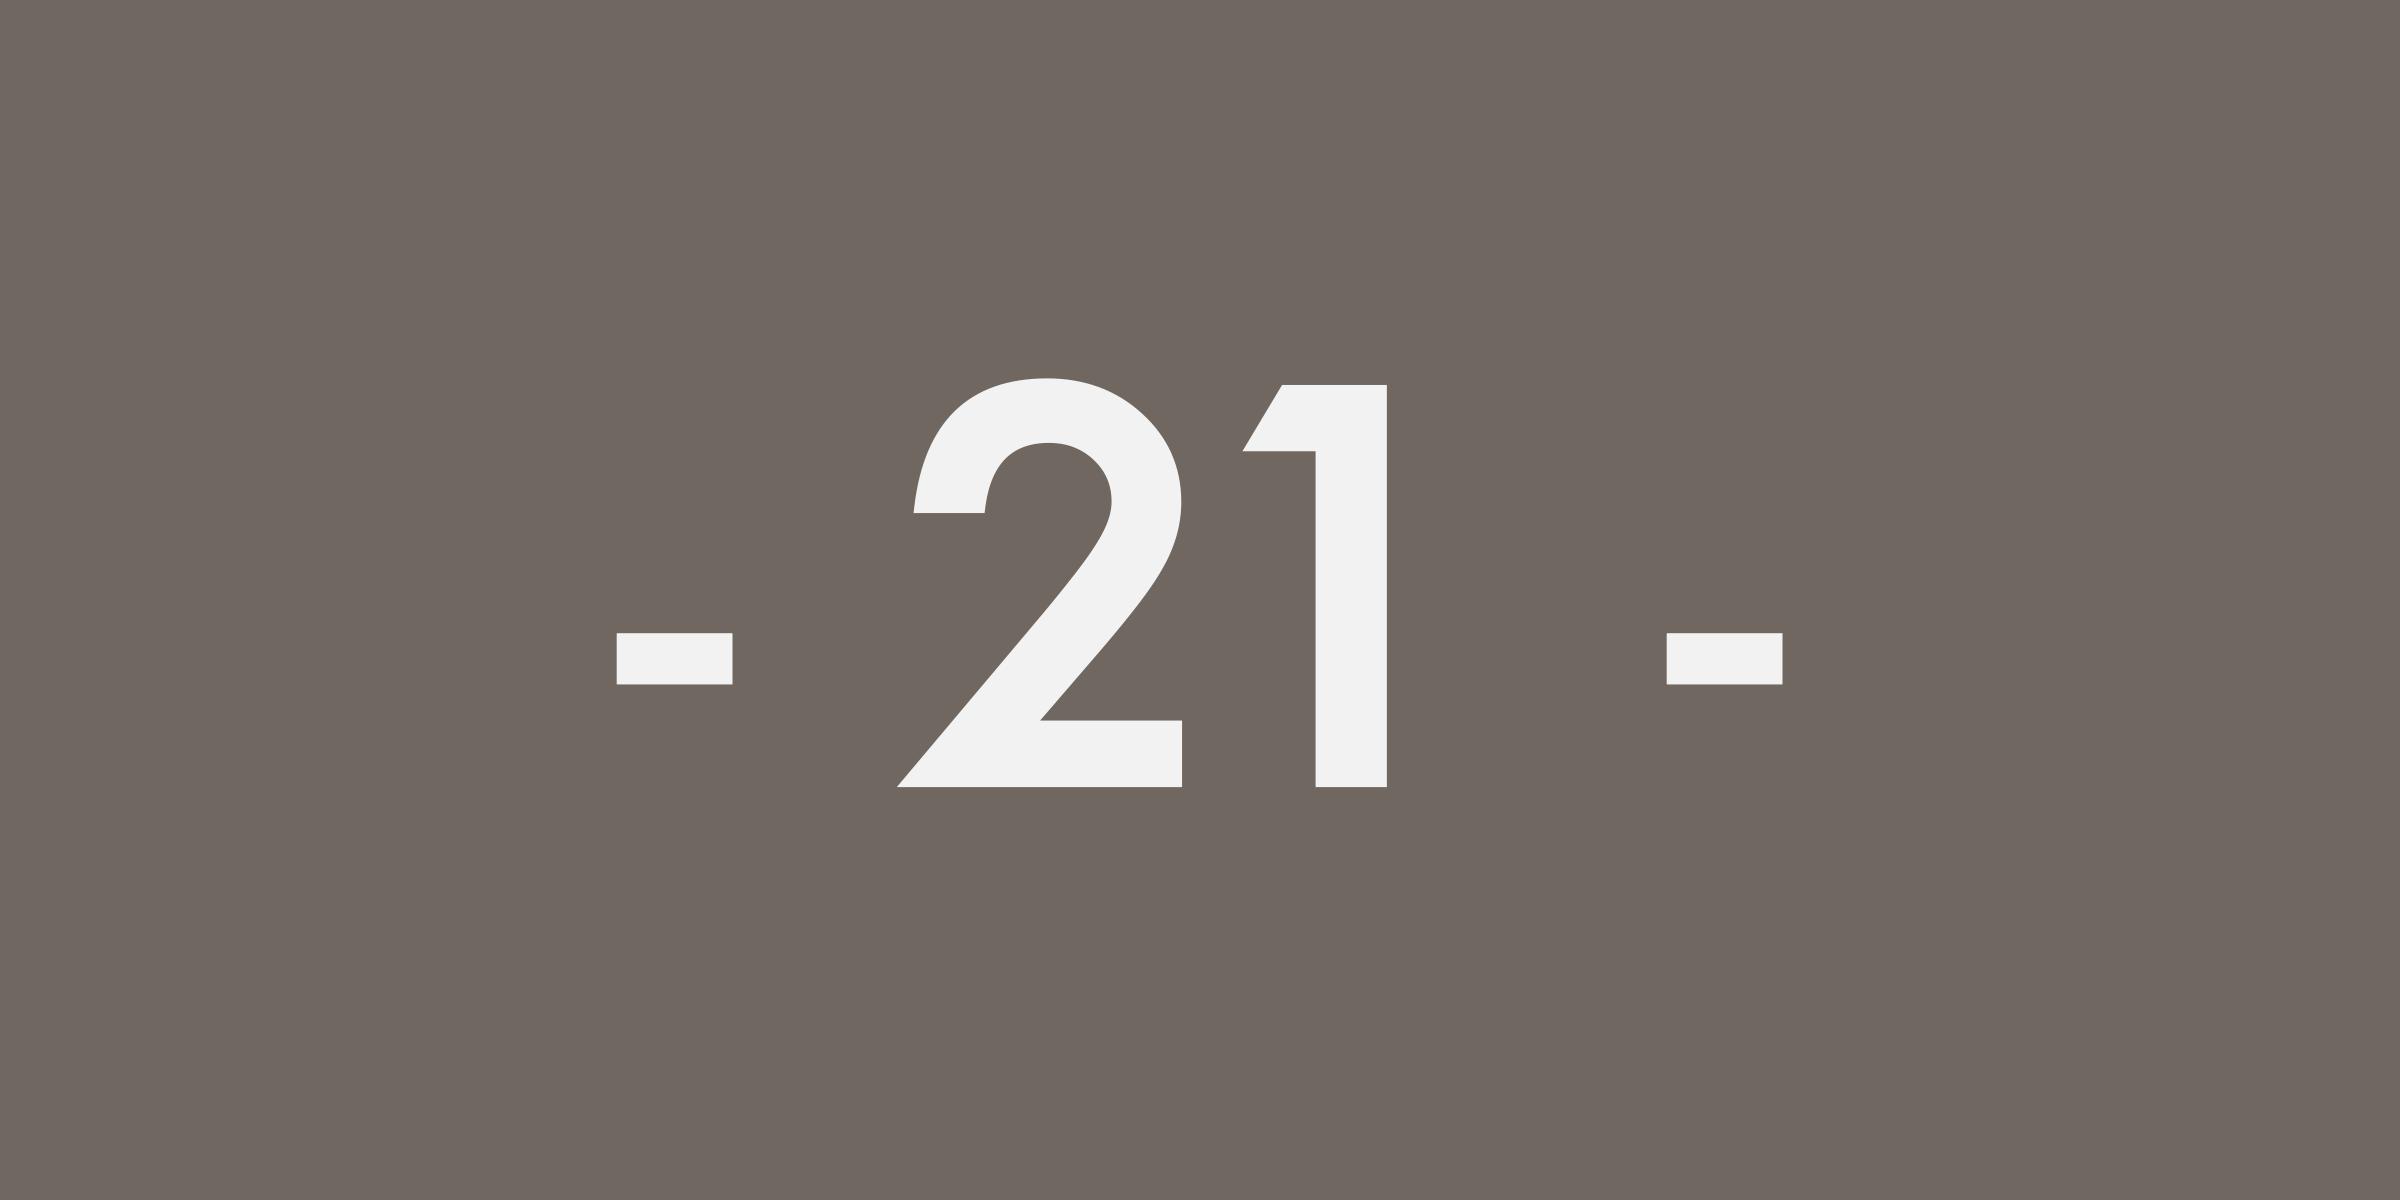 kalimba noten 21